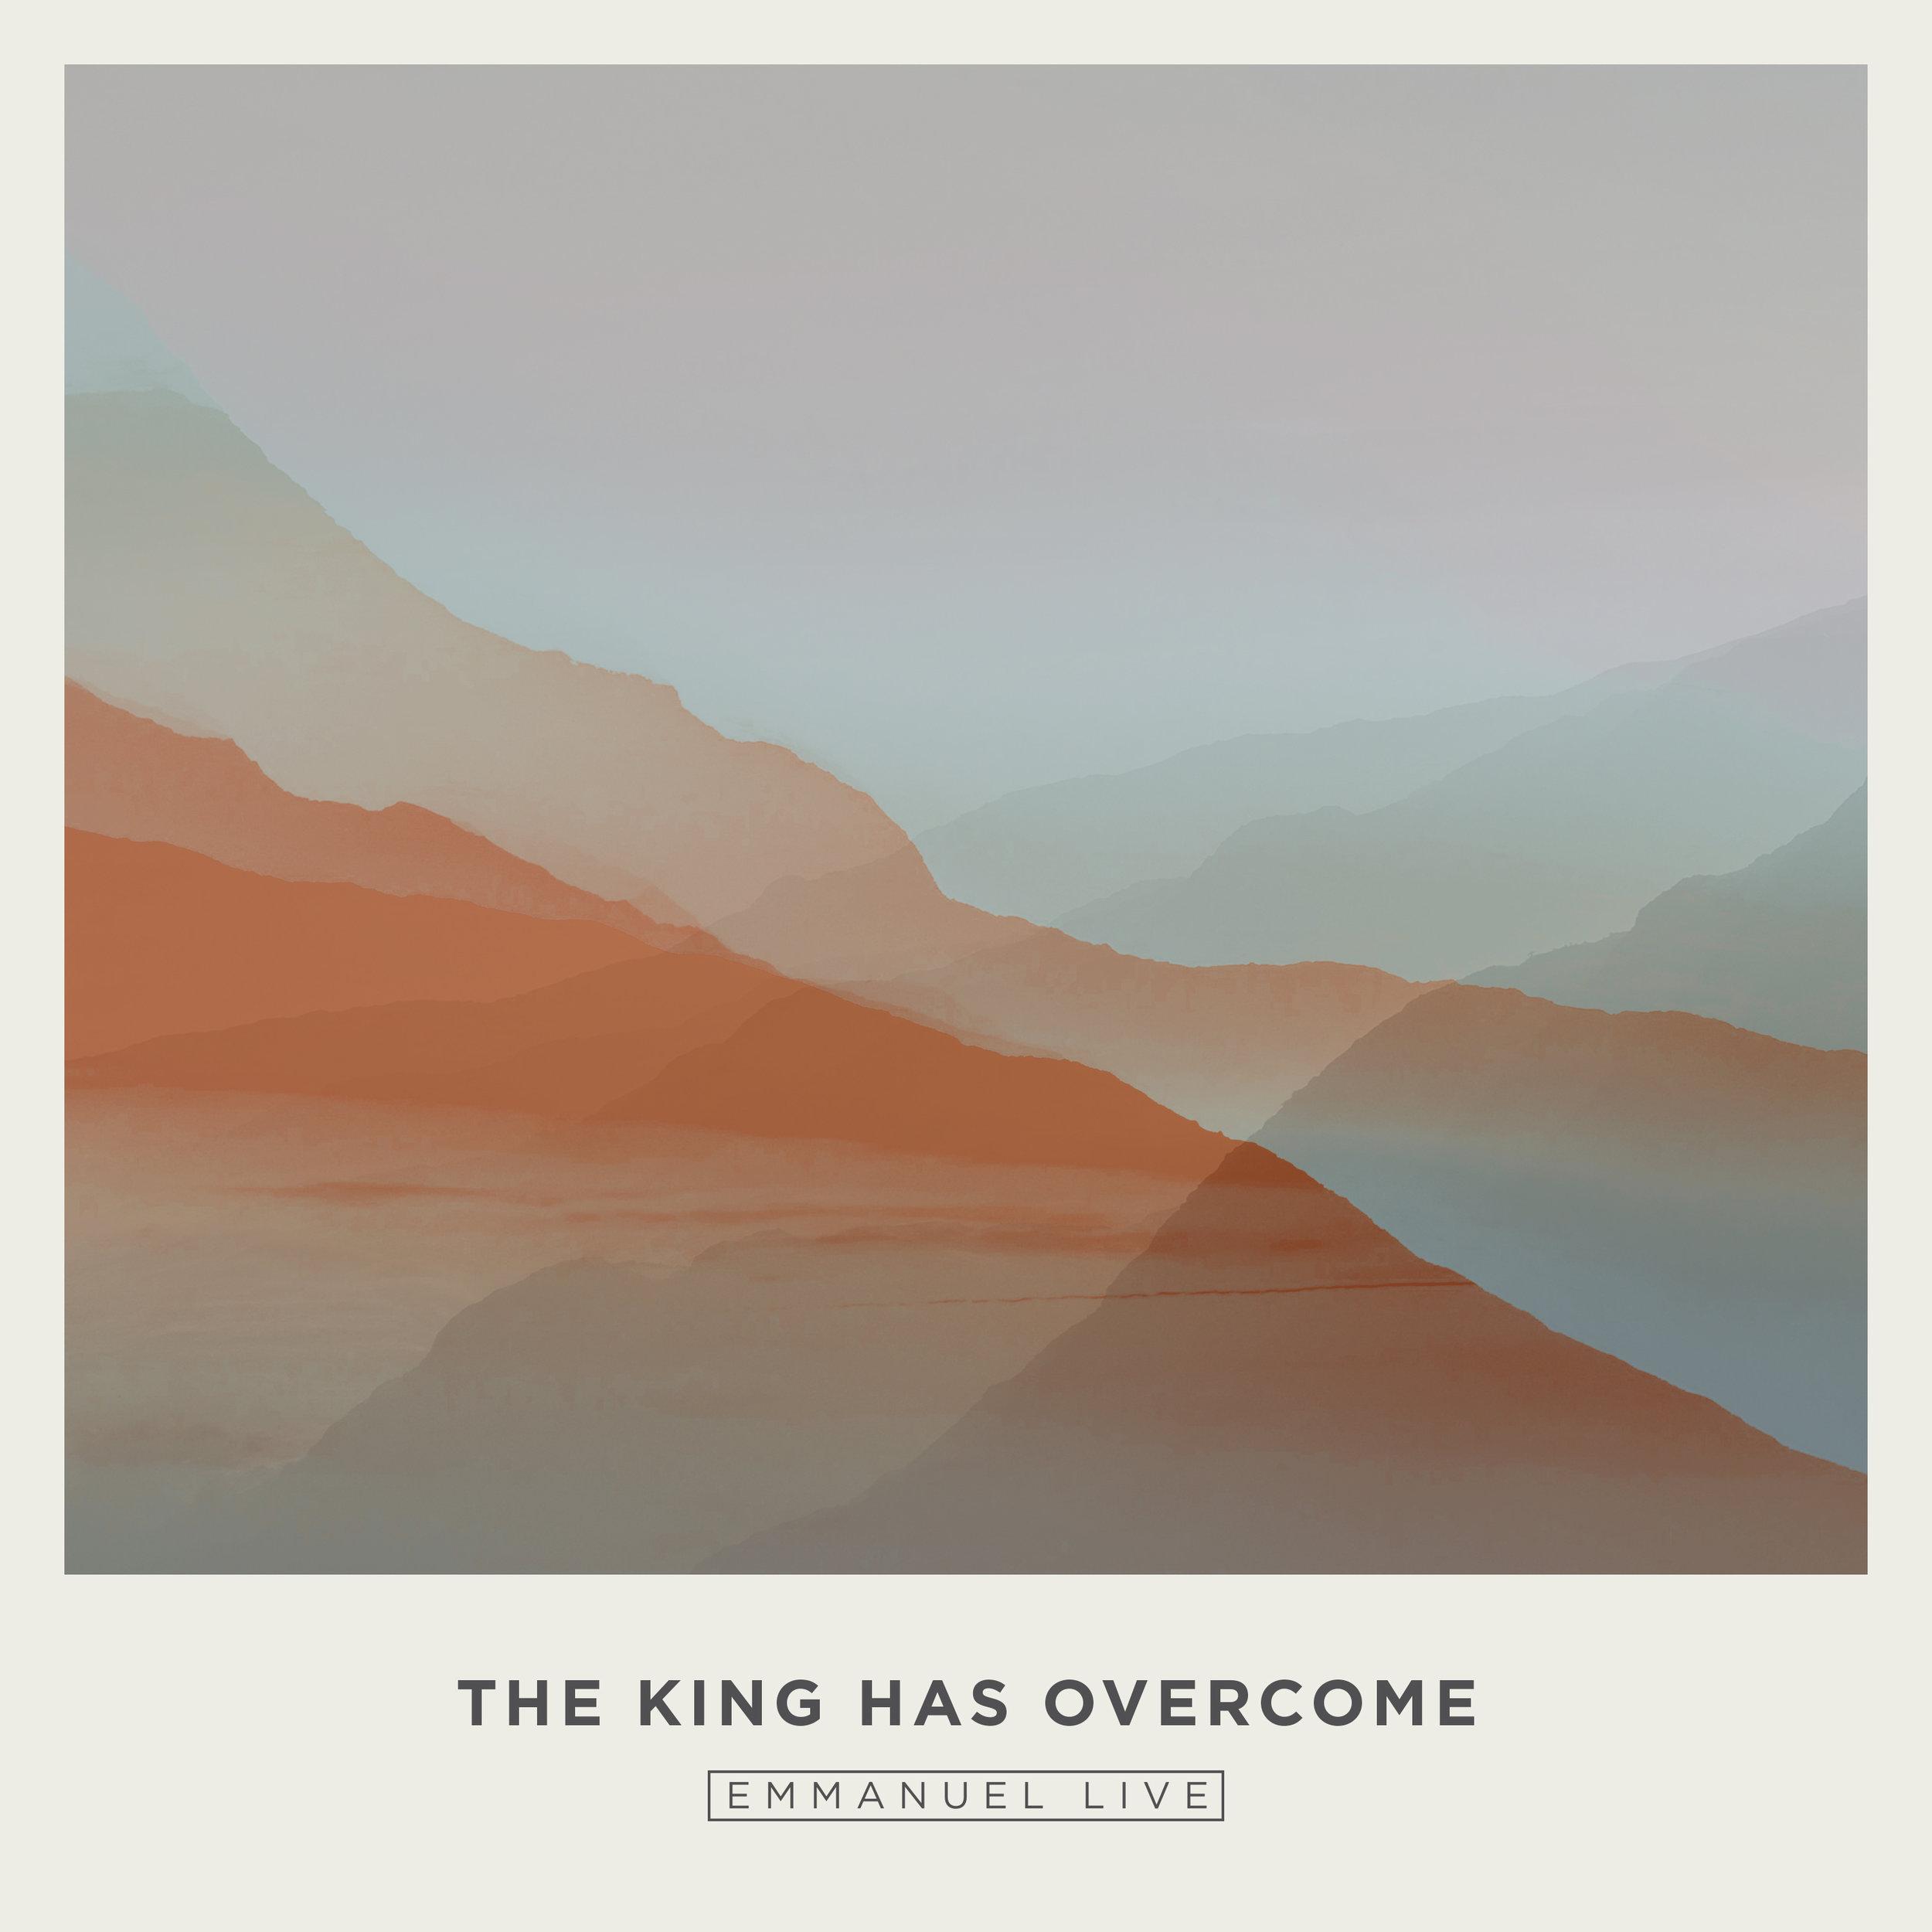 TheKingHasOvercome_V4.jpg